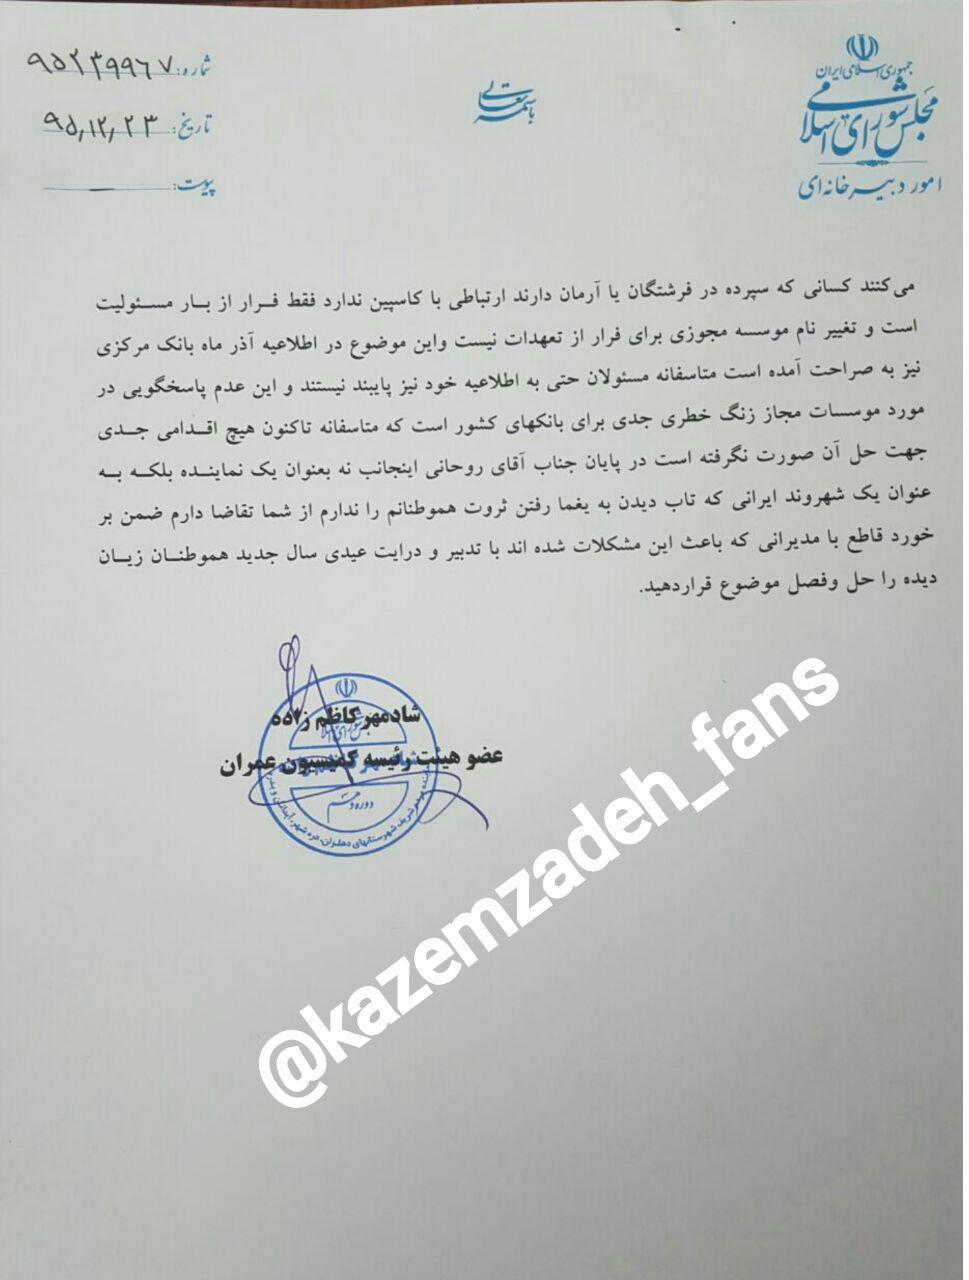 نامه نماینده مجلس به روحانی برای حل مشکل سپرده گذاران موسسههای غیر مجاز